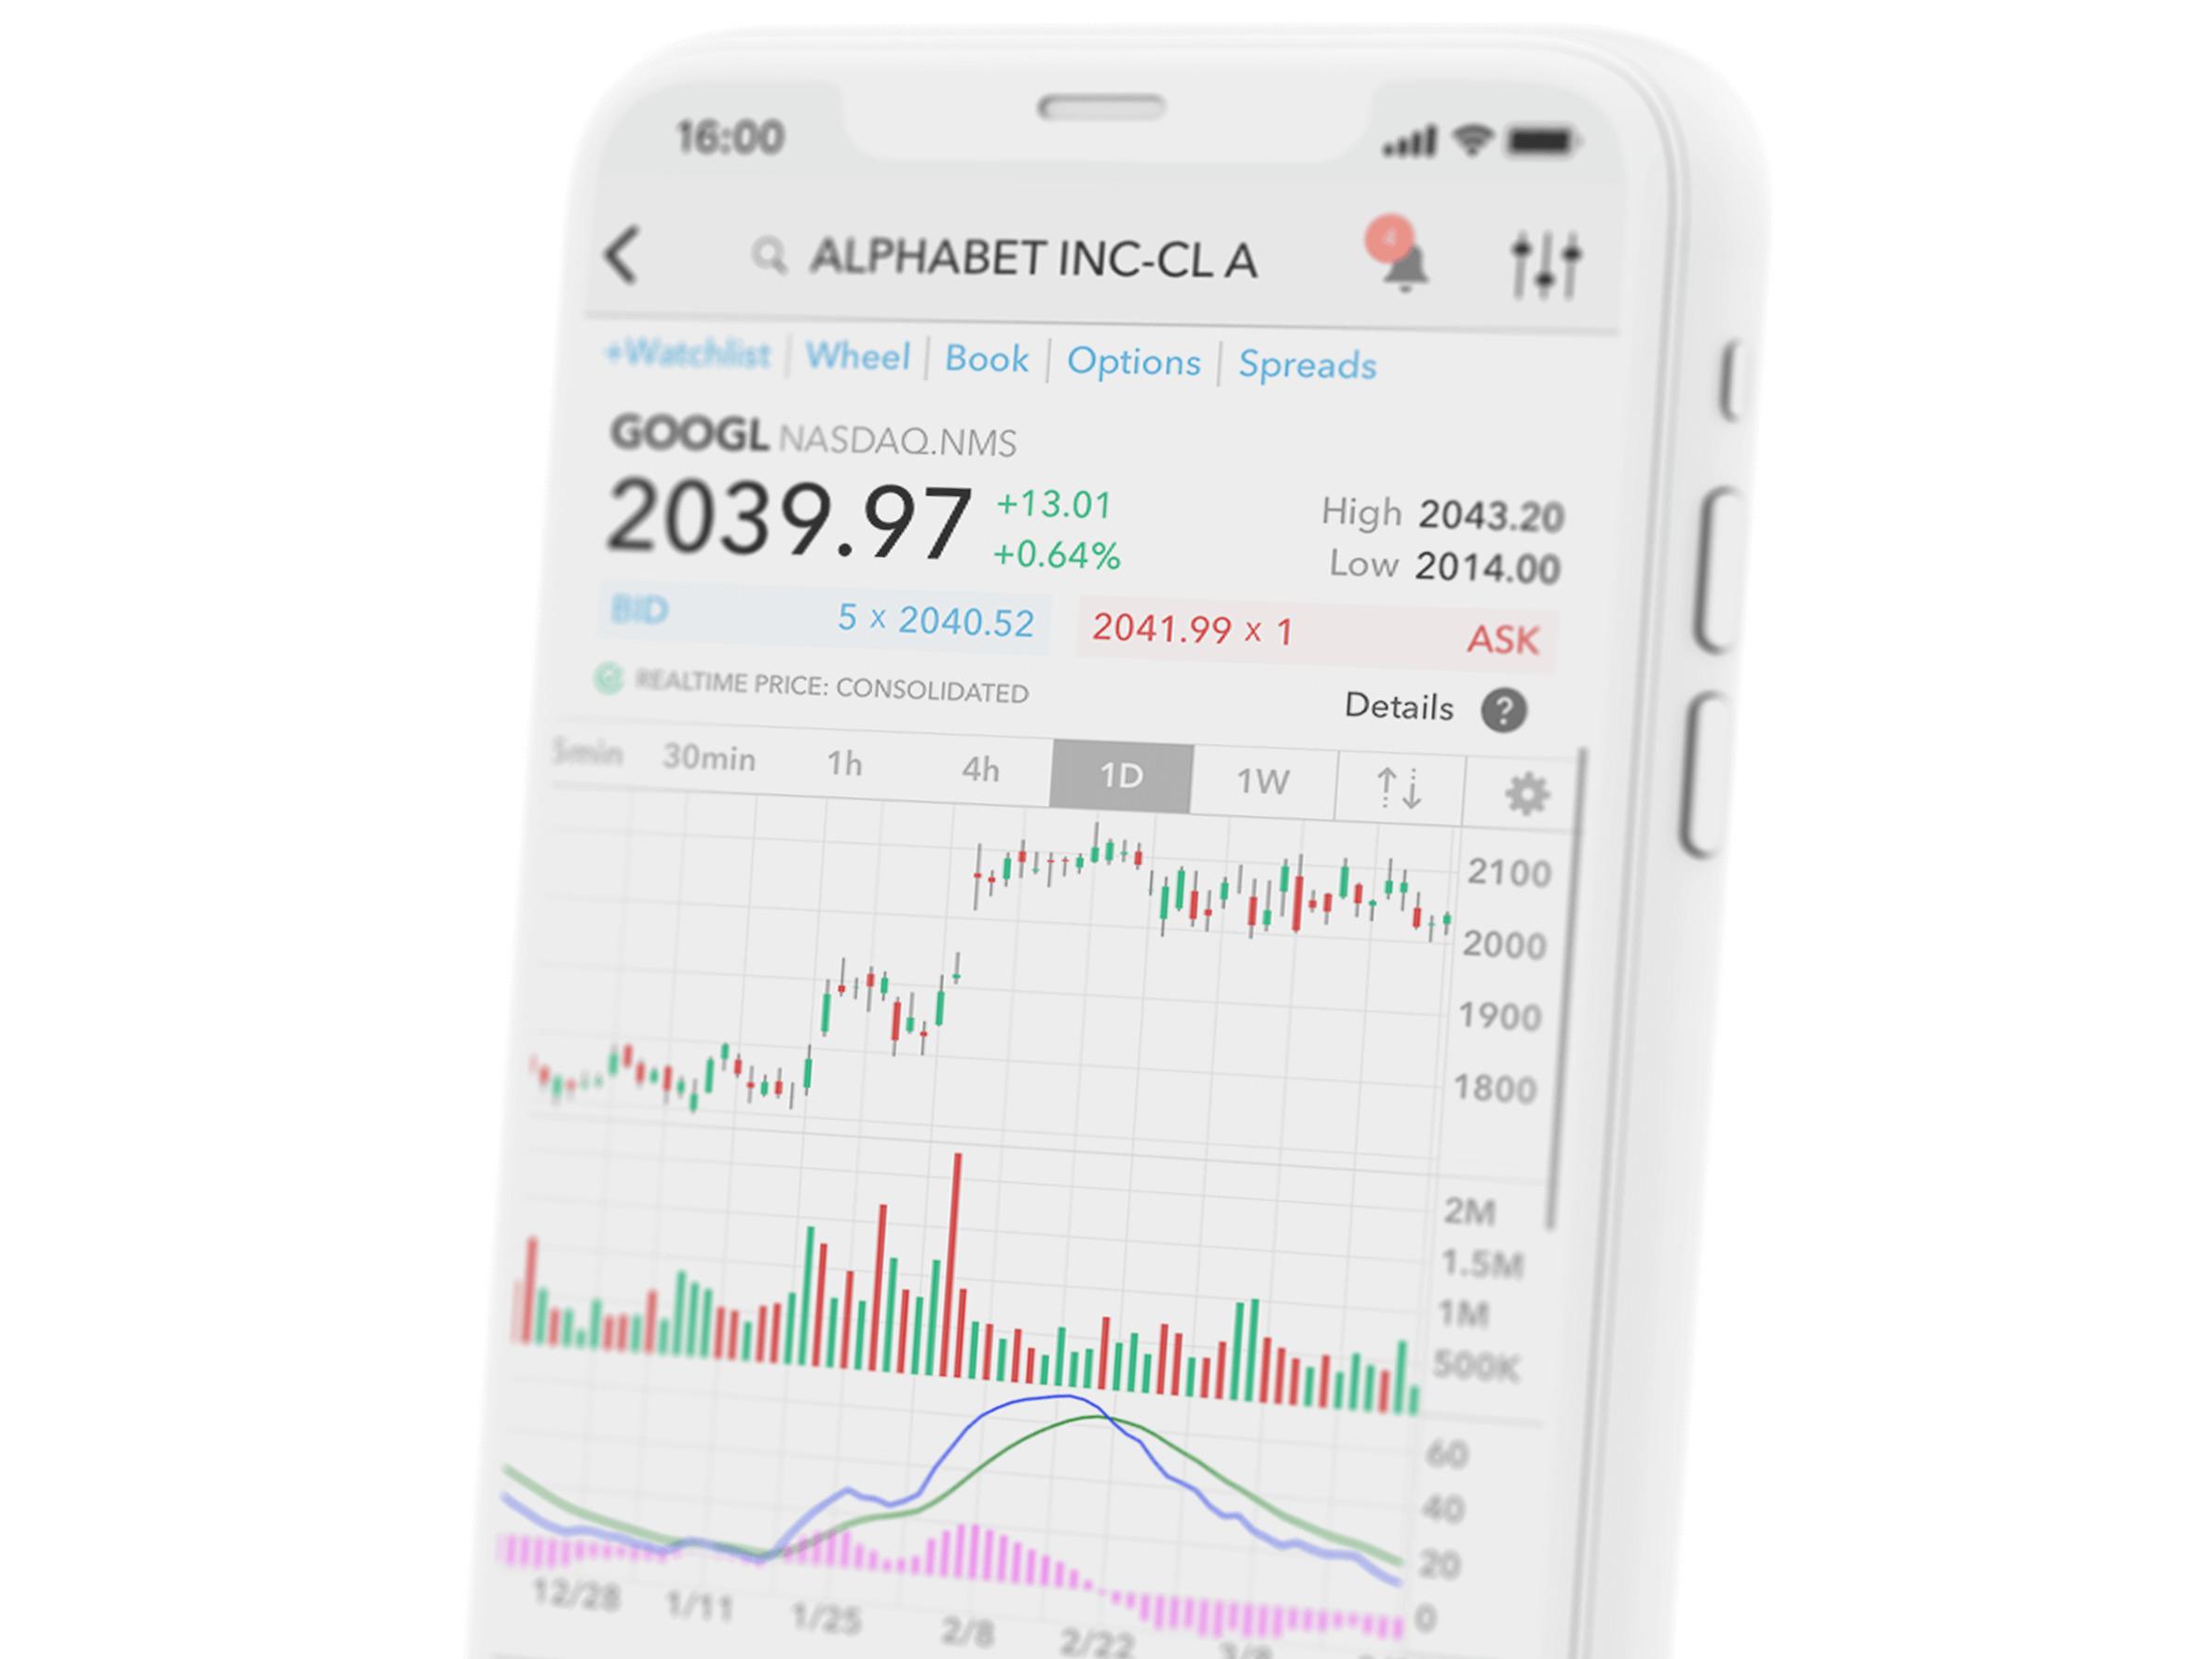 Mobilní zařízení s obchodní aplikací a cenovým grafem akcie Alphabet